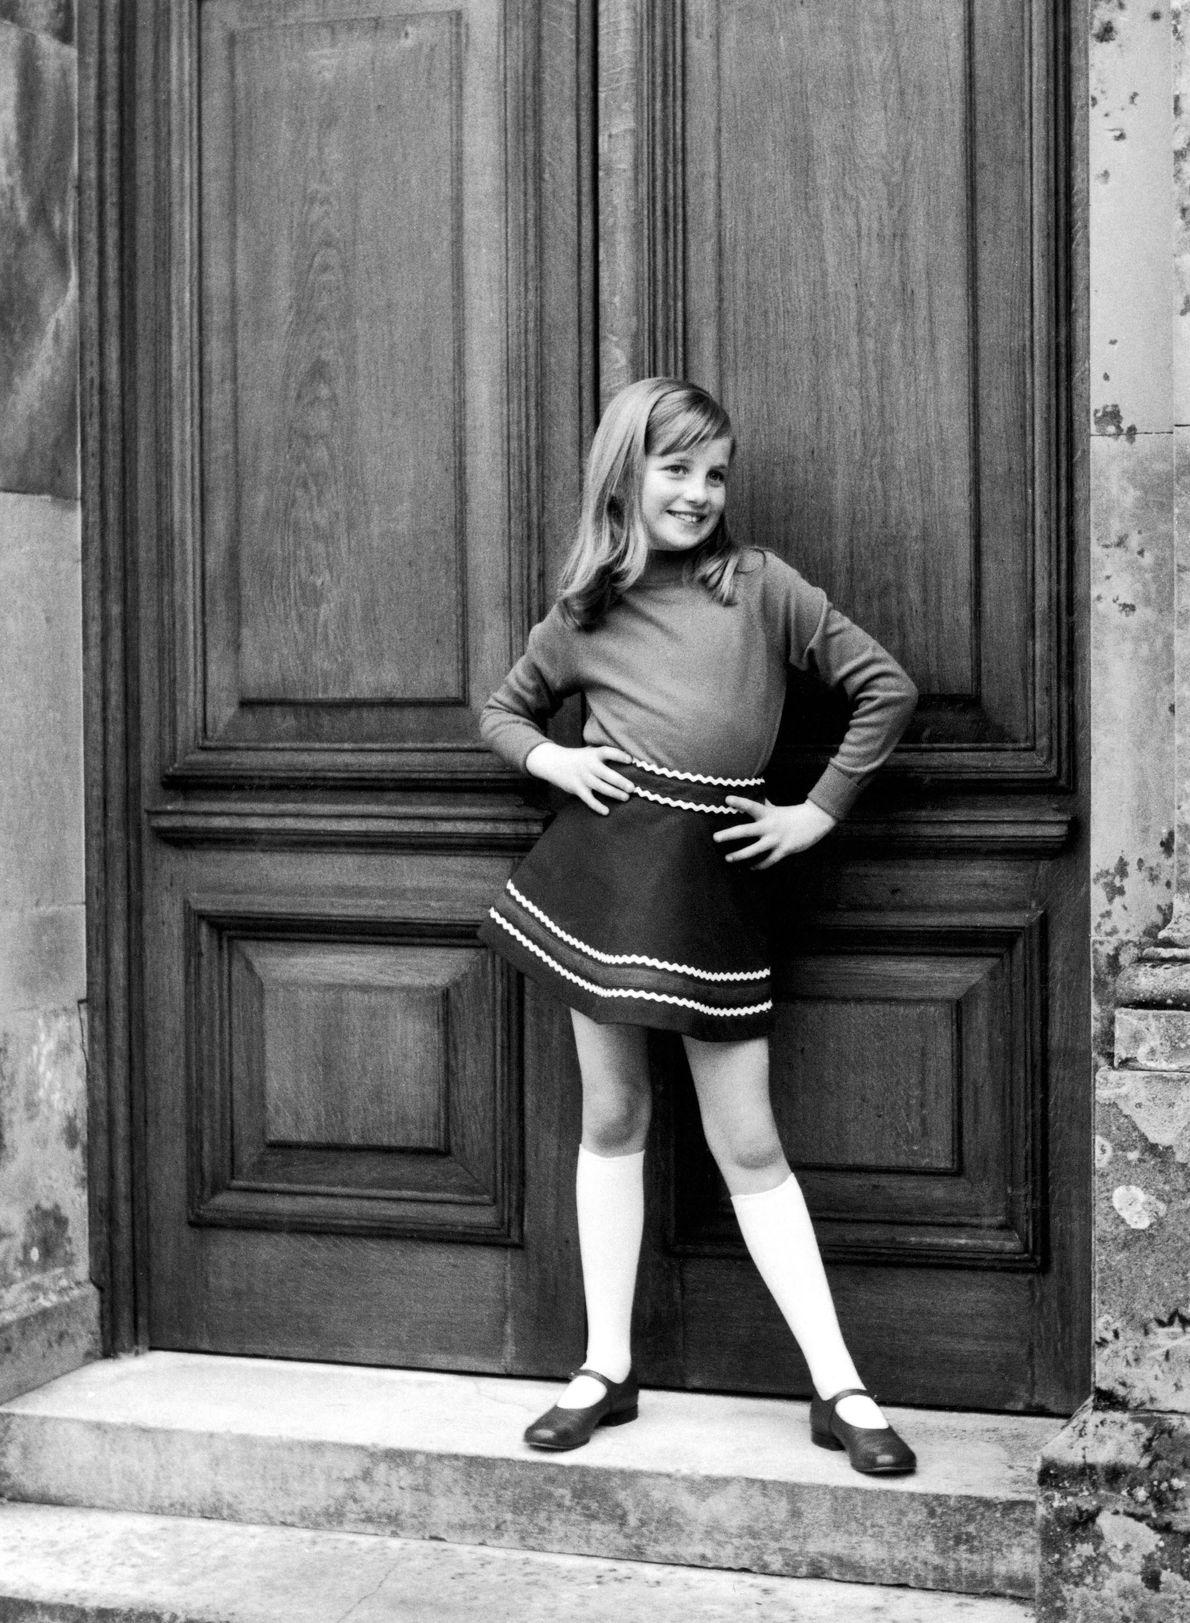 Una foto de un álbum familiar privado de 1967-1969 muestra a Diana posando como una joven ...